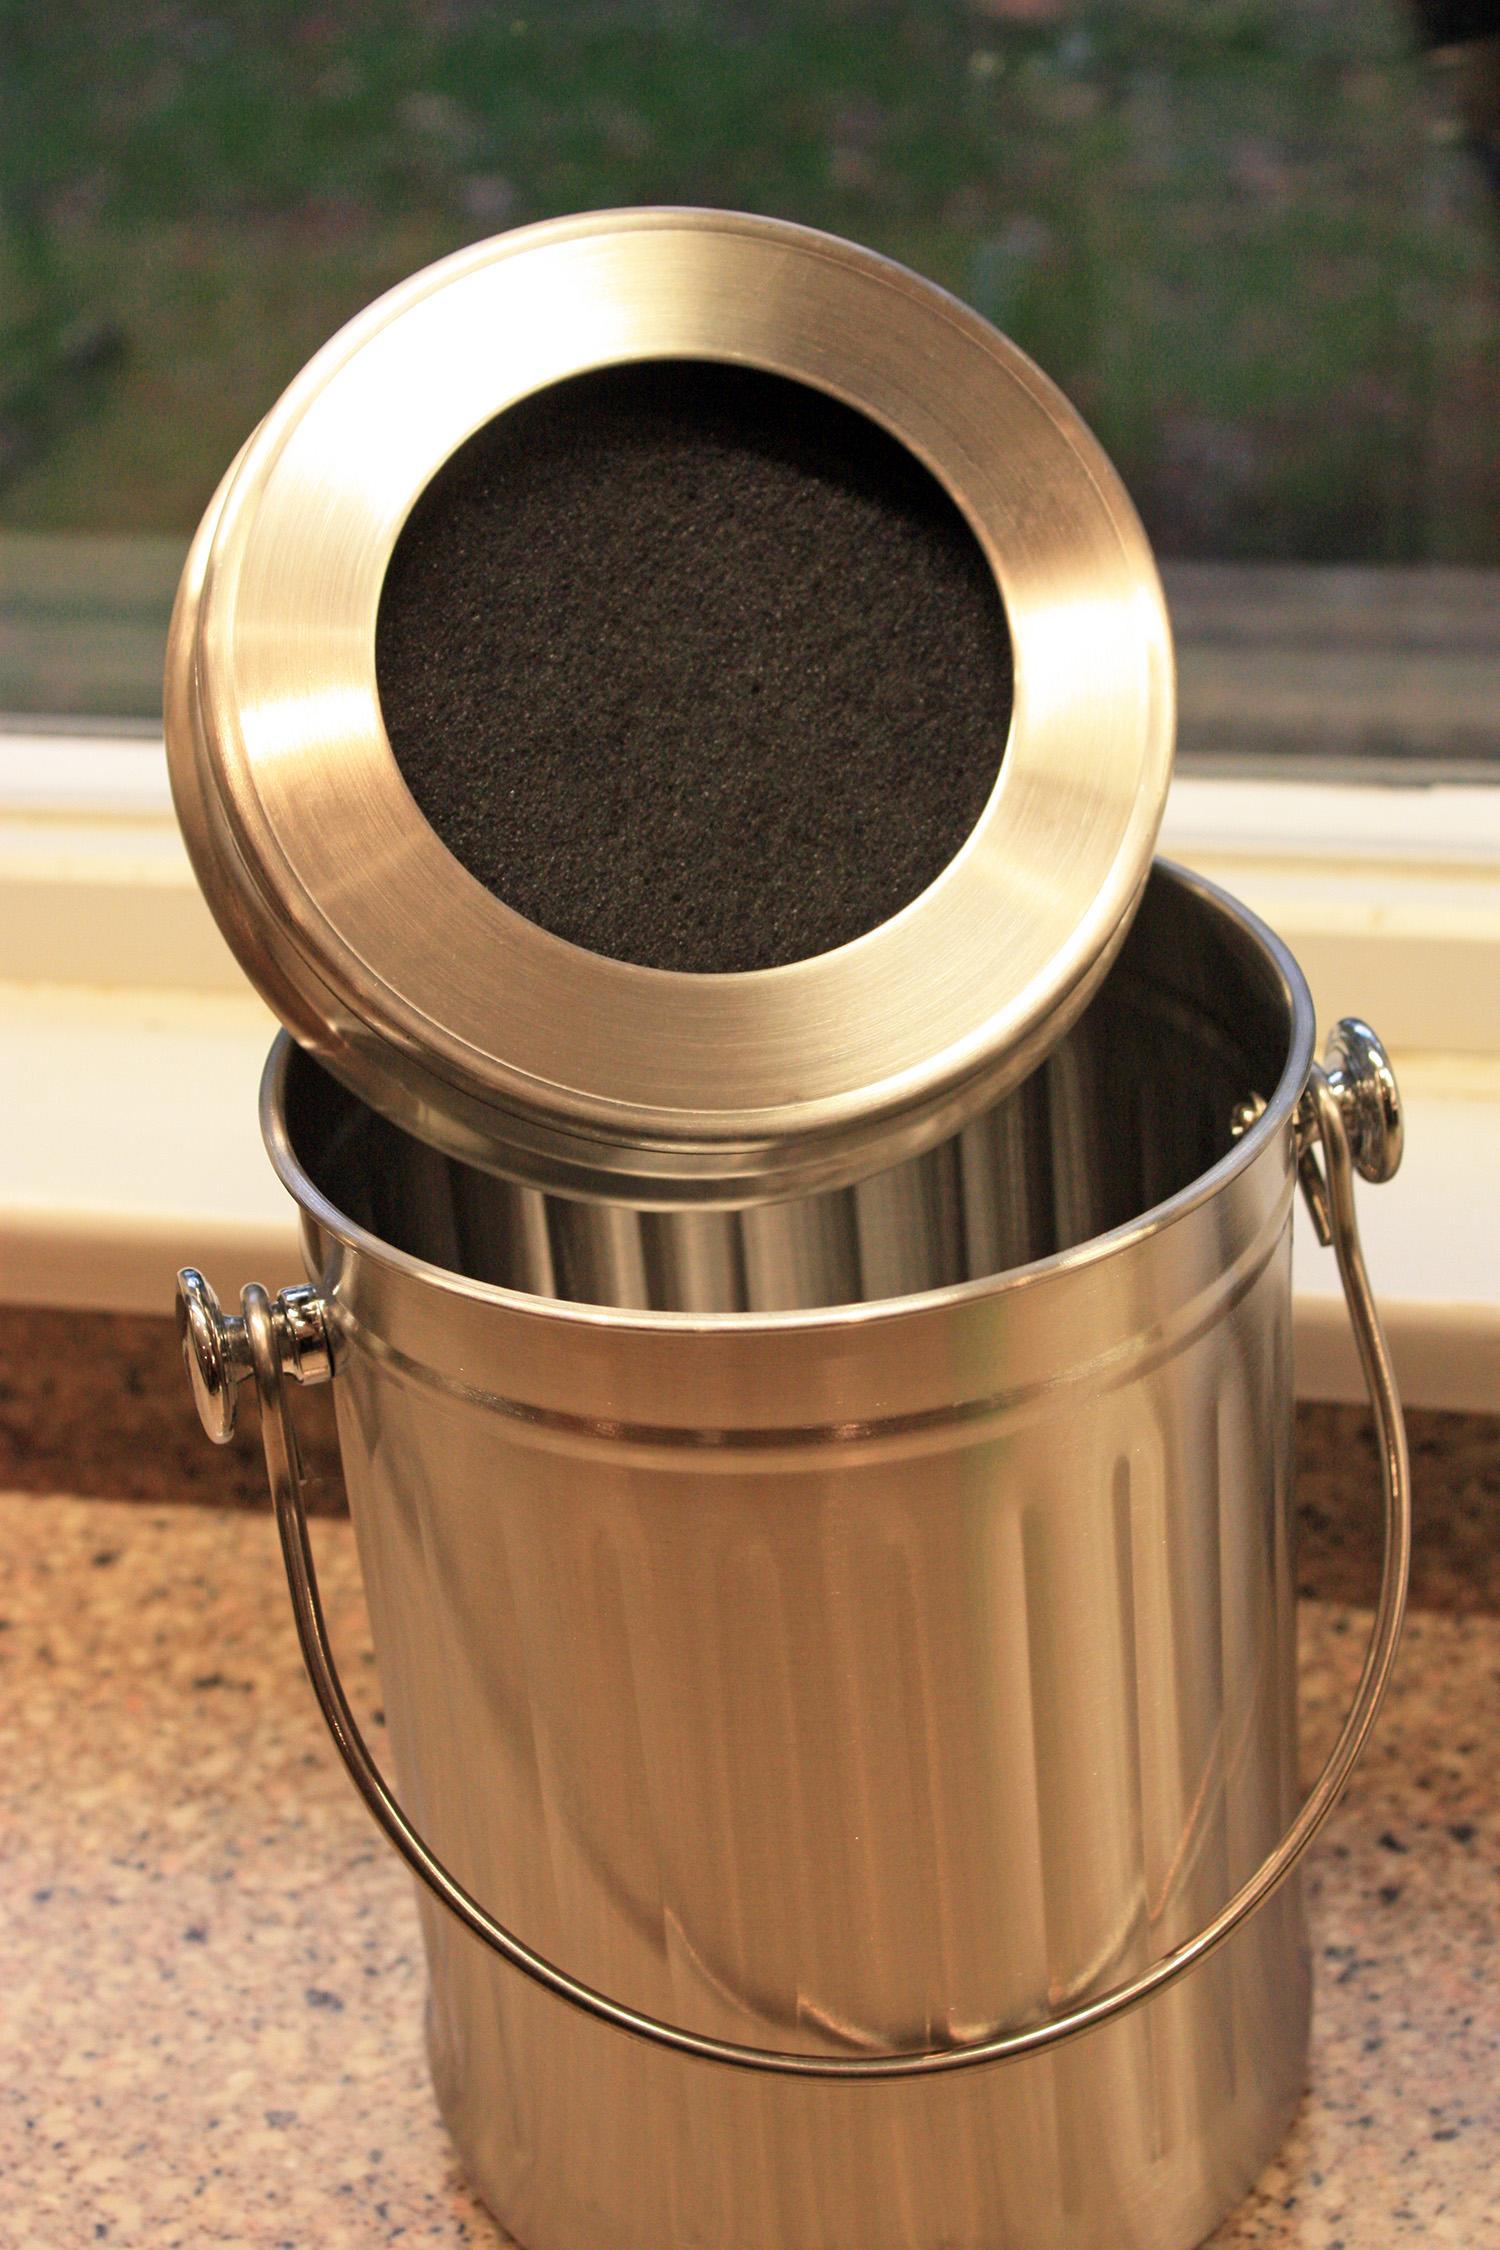 Kitchen Accents SS Composter KASS3Q Abfall & Recycling Aufbewahren & Ordnen